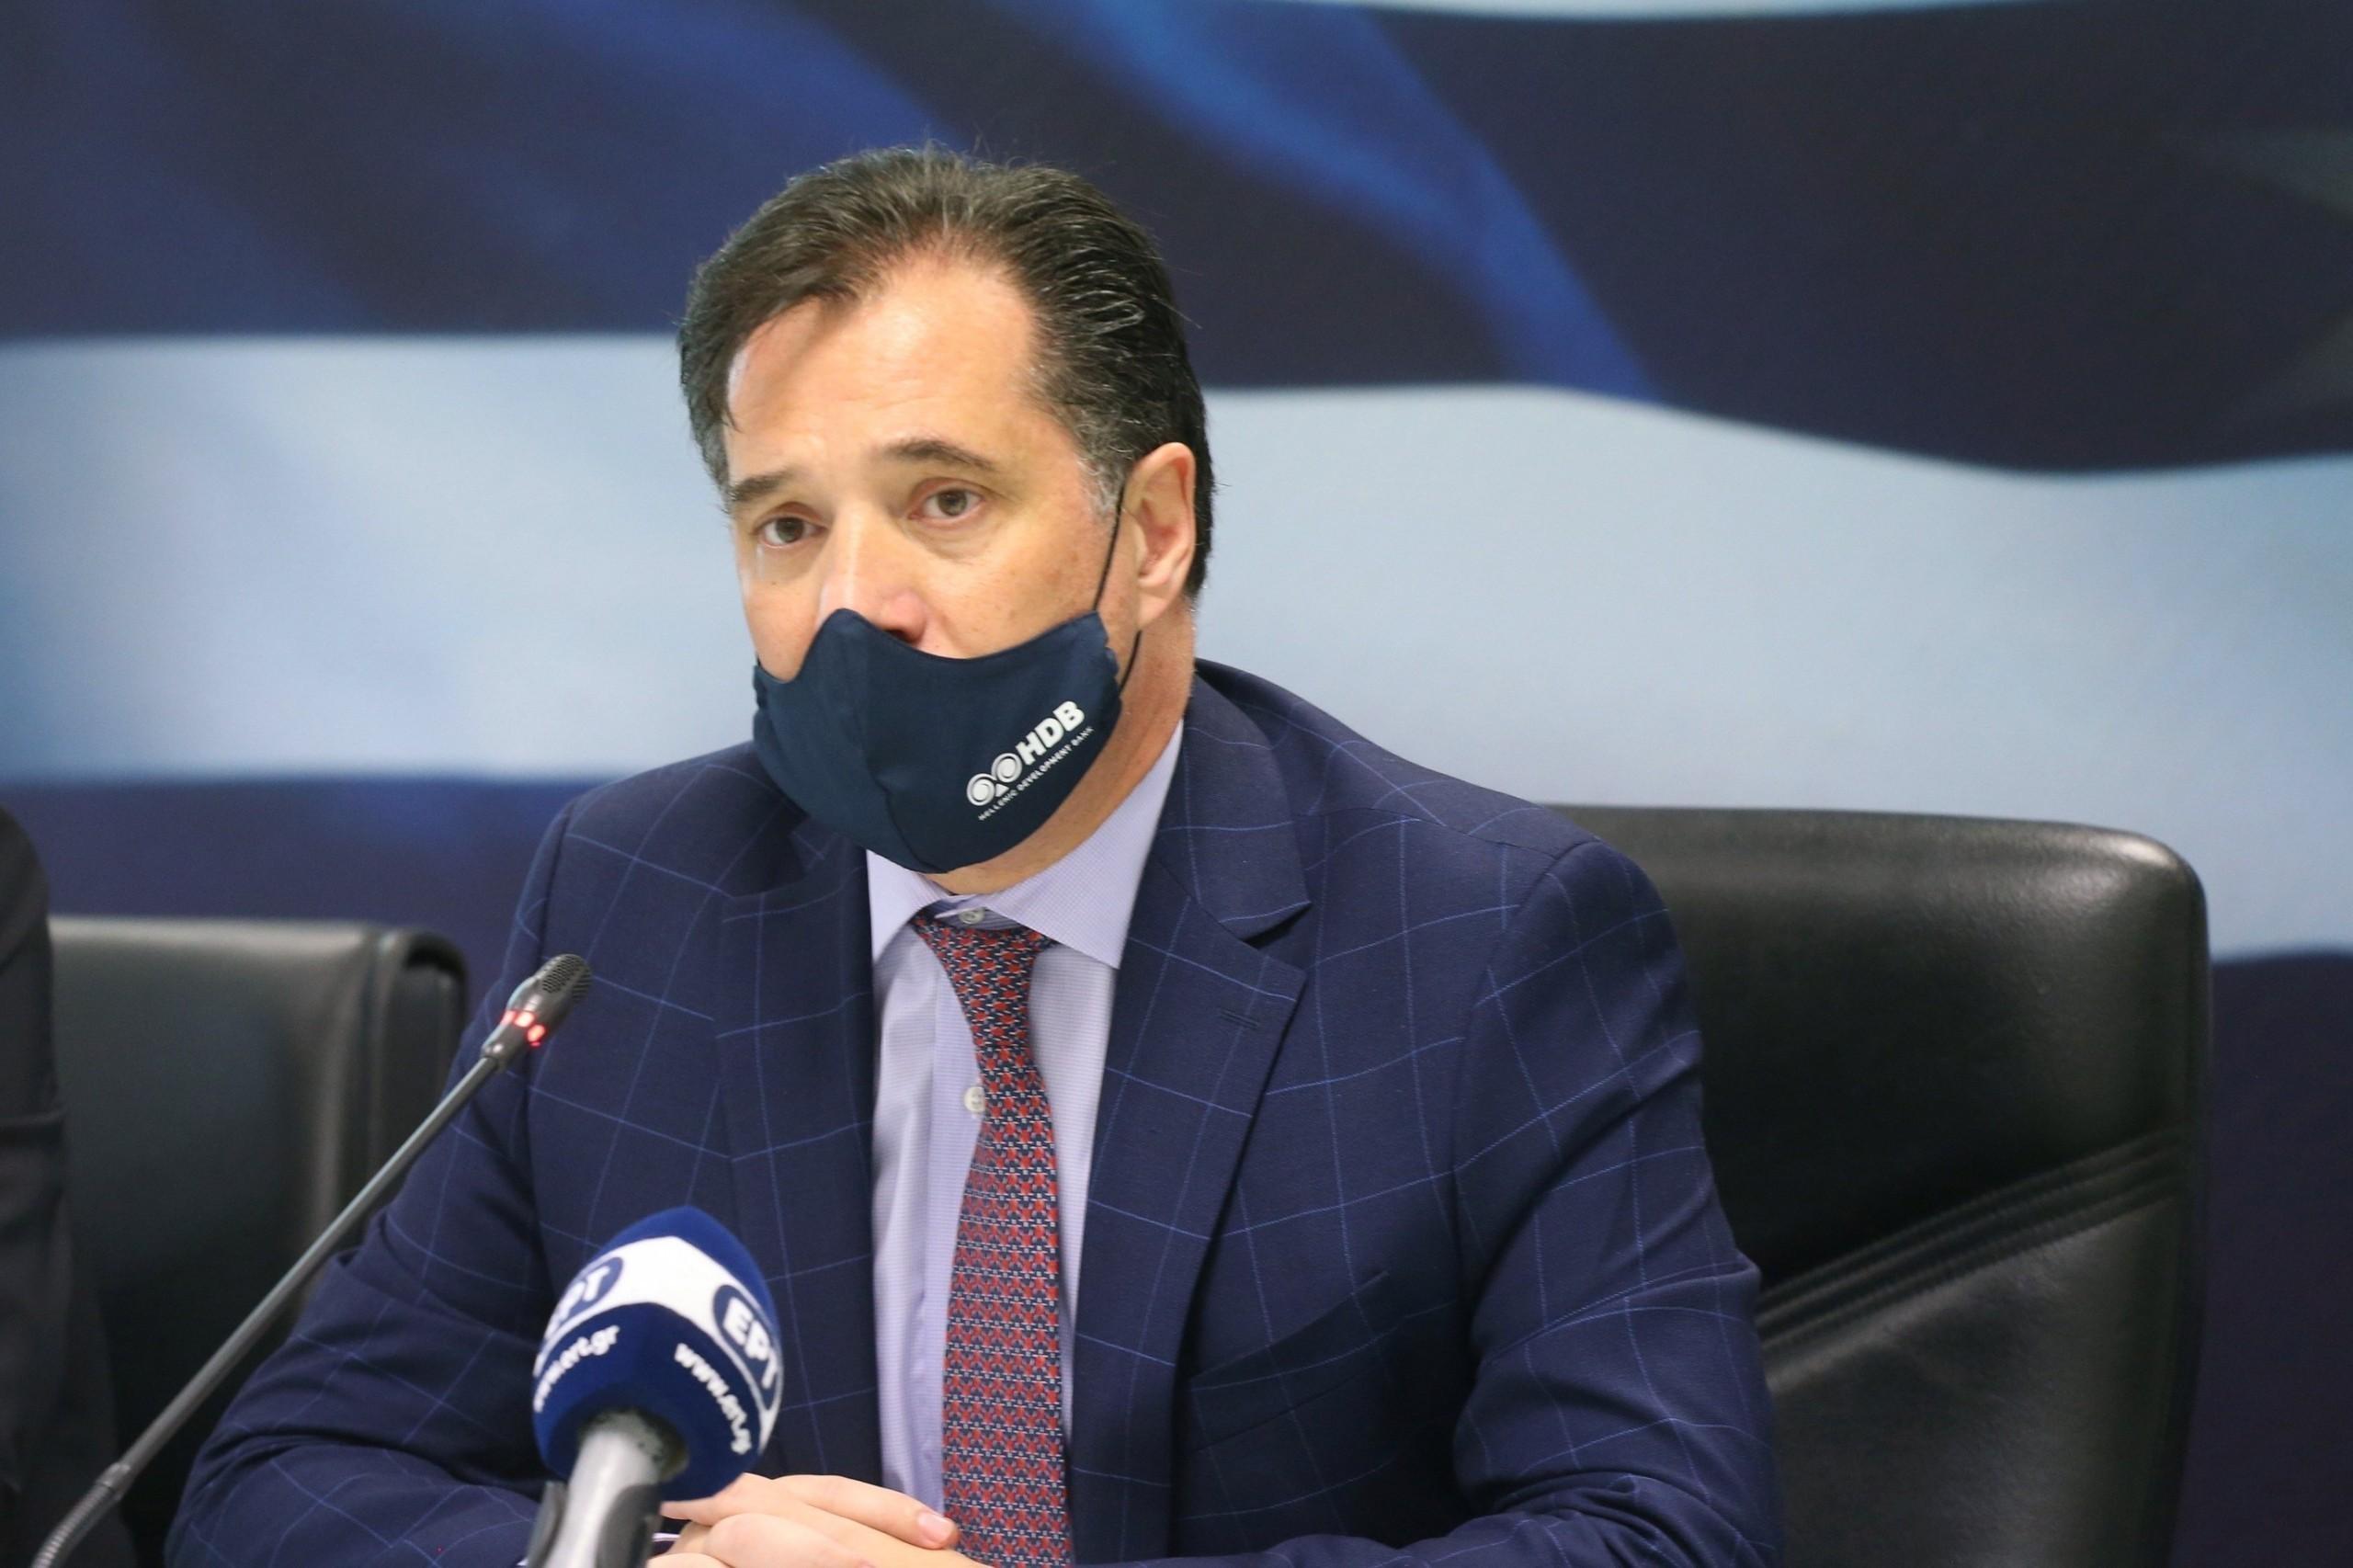 Γεωργιάδης: Εντός της εβδομάδας οι πληρωμές ύψους 120 εκατ. ευρώ σε επιχειρήσεις